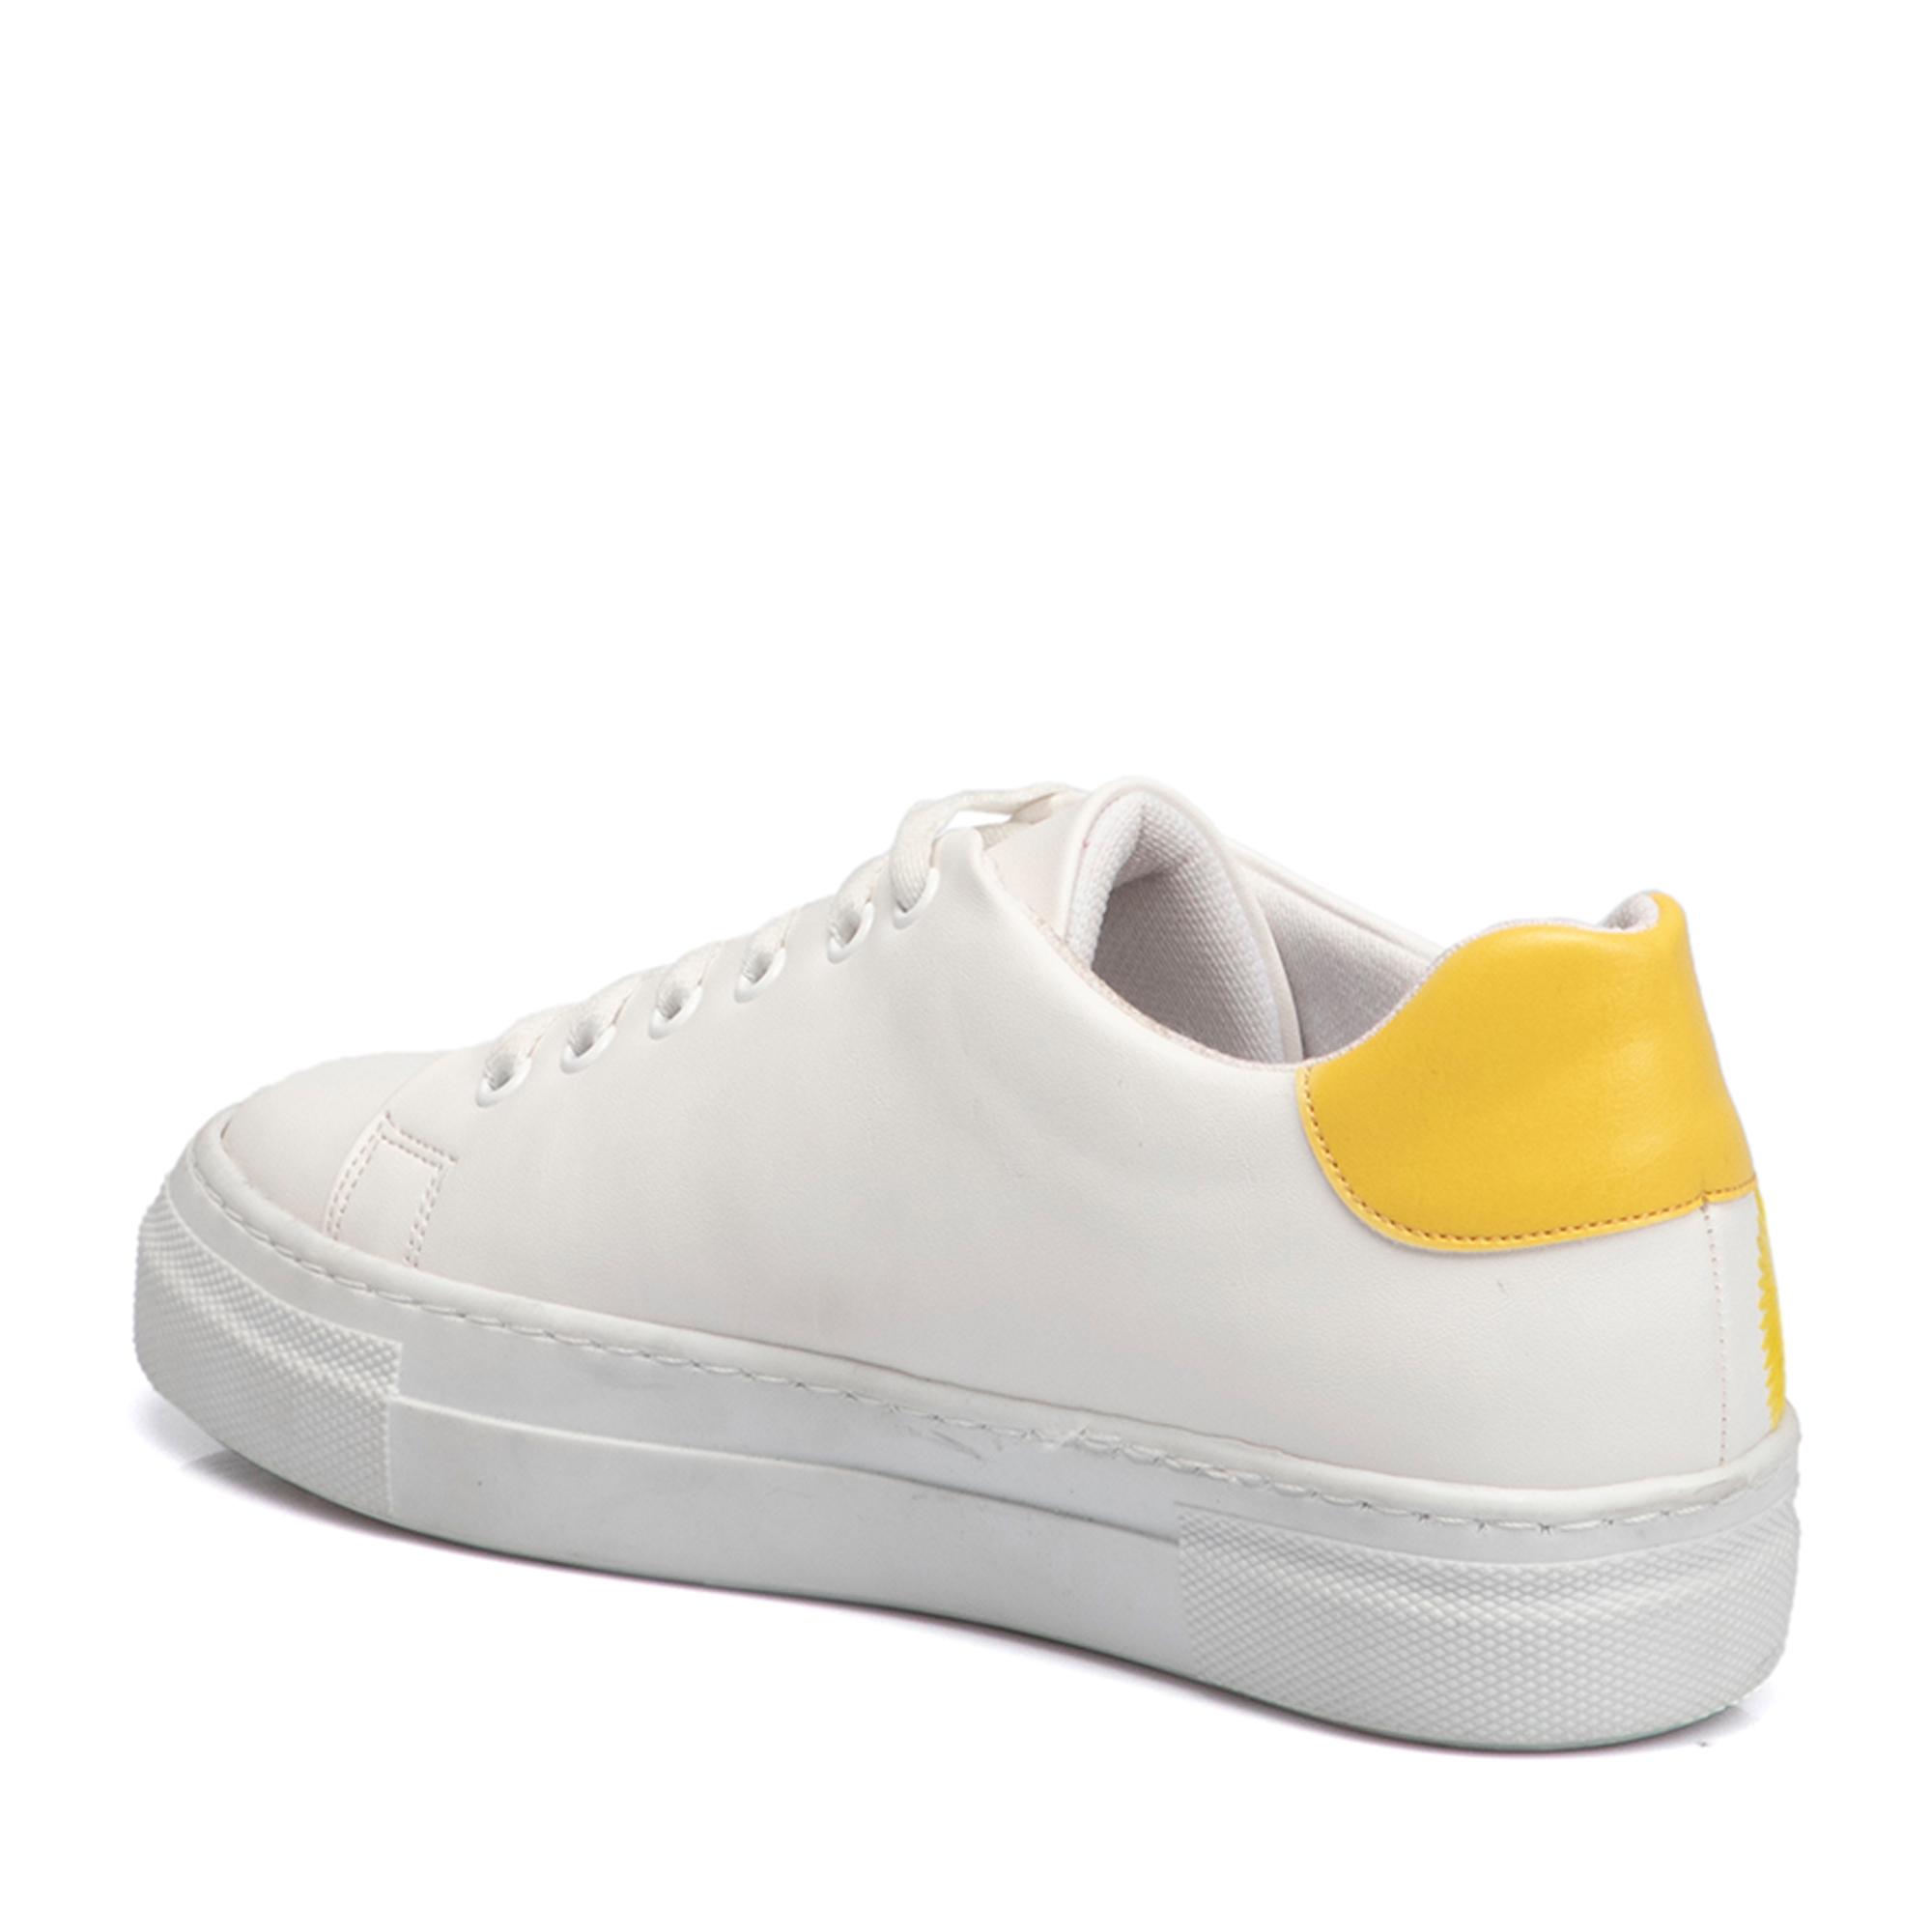 Beyaz Kadın Ayakkabı 64541D93